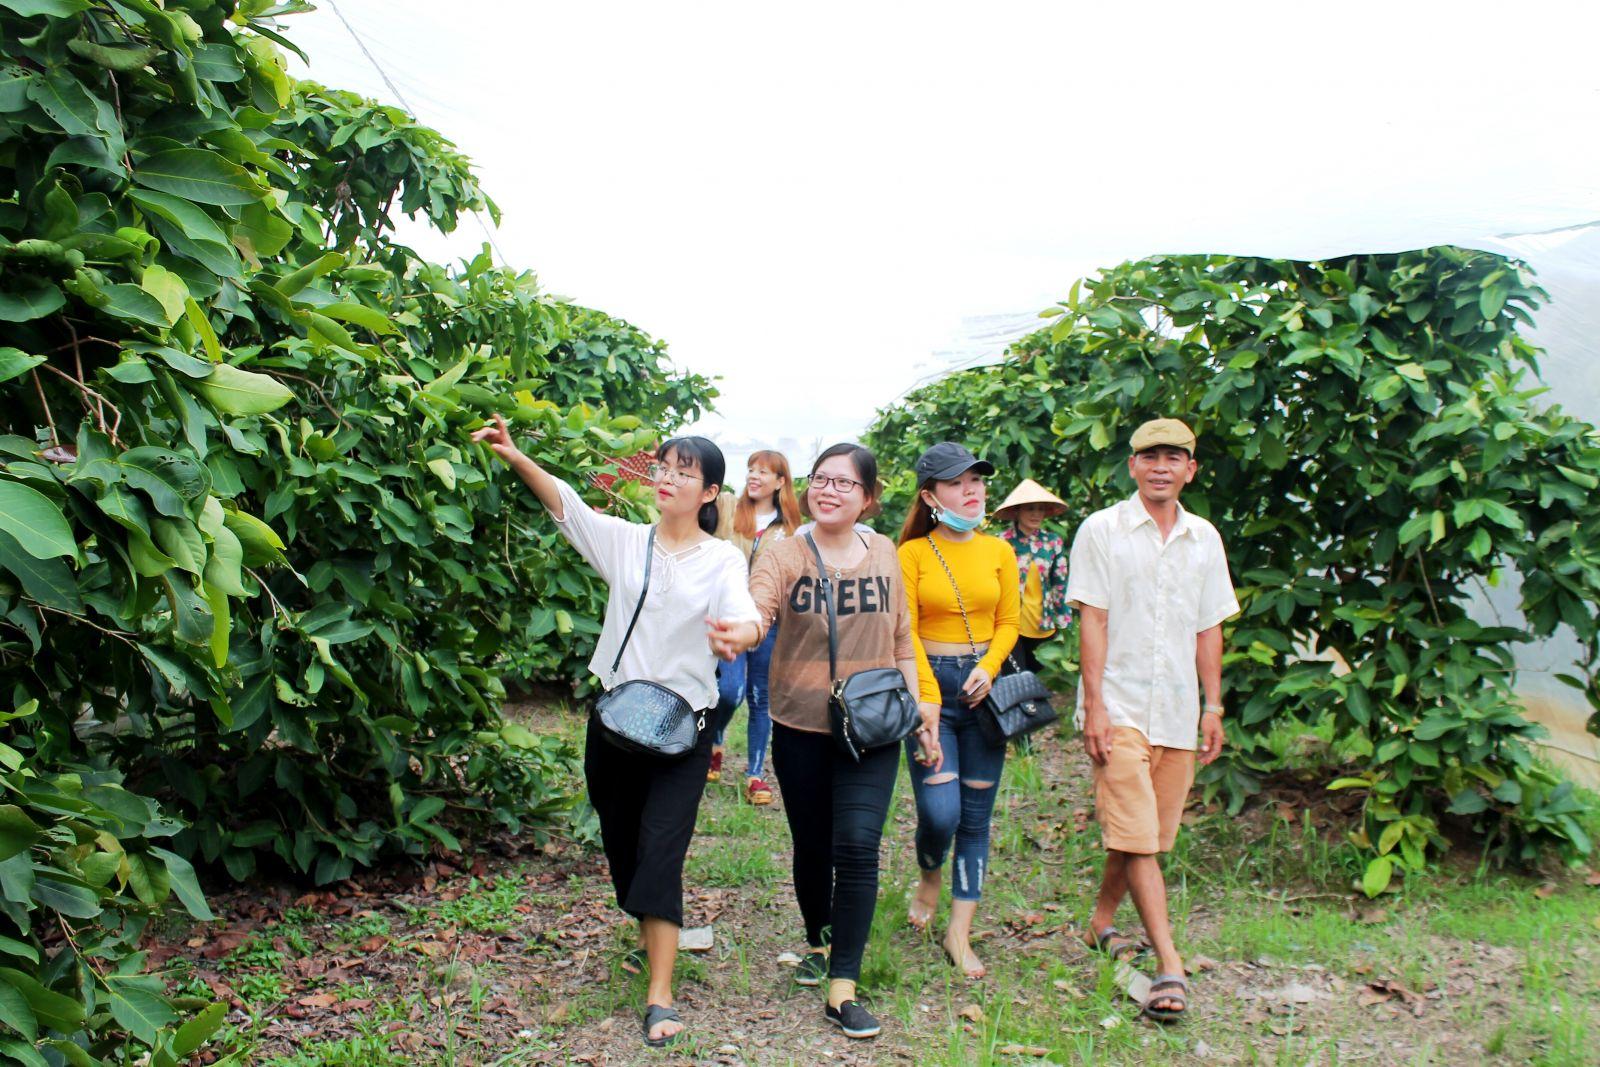 Tham quan vườn trái cây trên cù lao tươi xanh, yên bình là một hoạt động không thể thiếu của du khách khi đến với lễ hội.